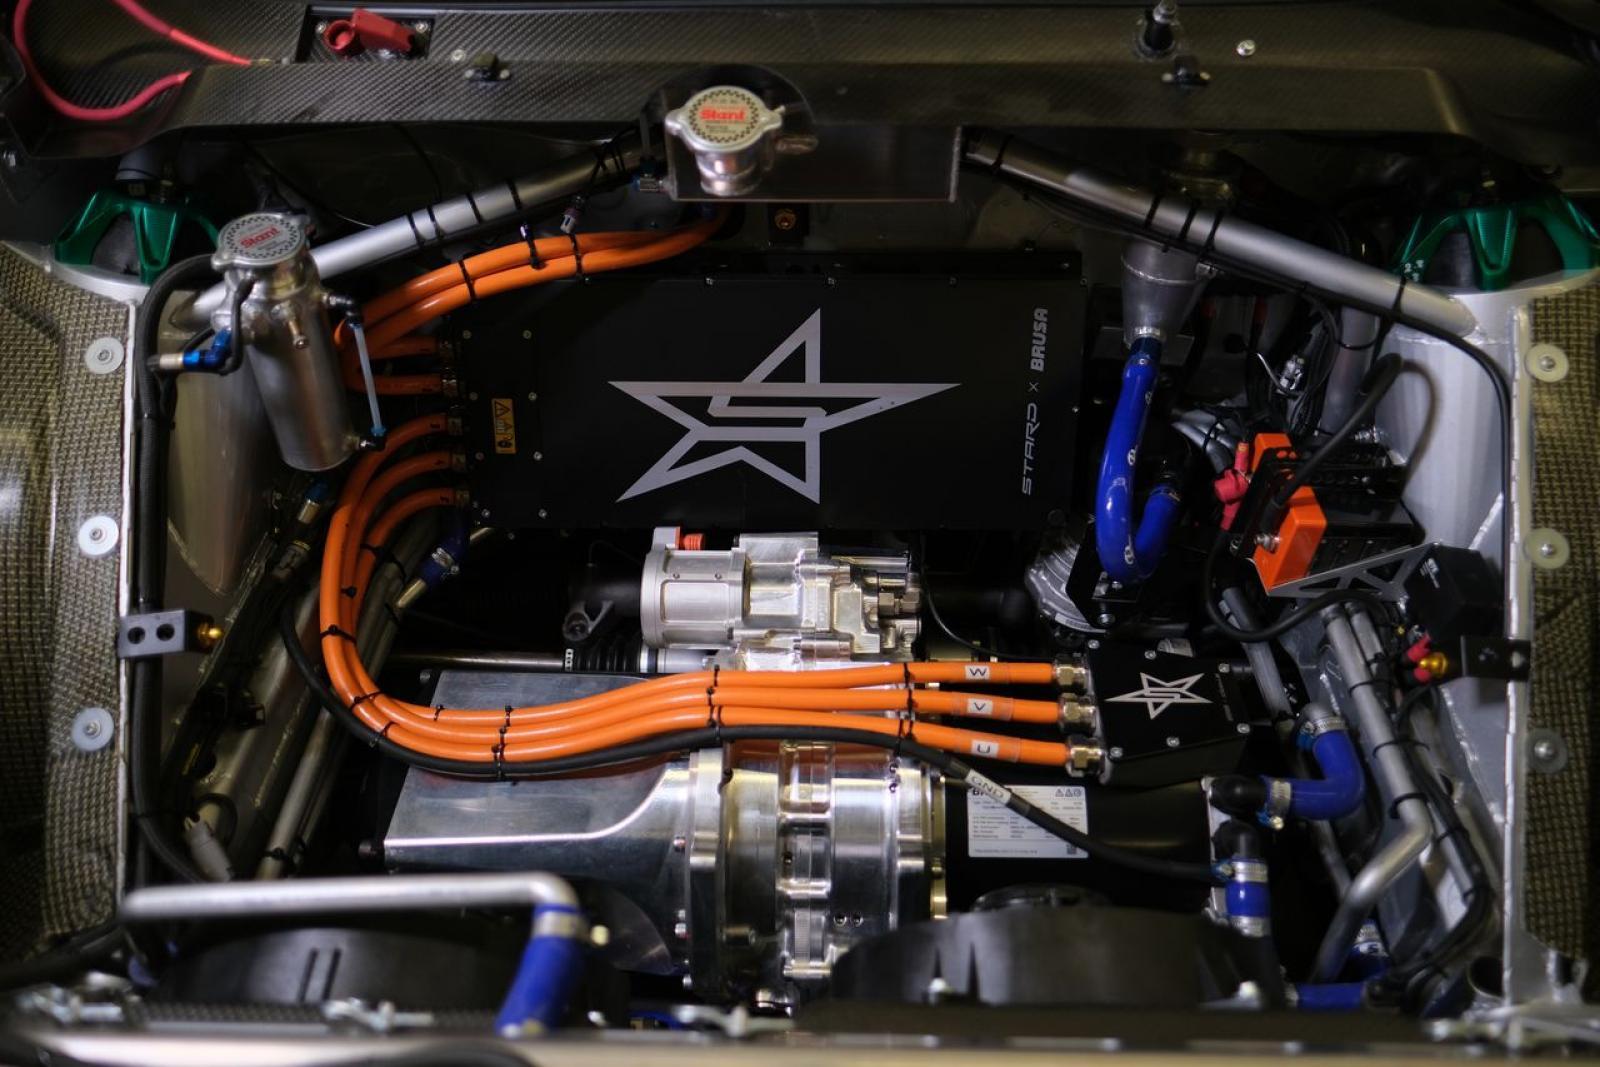 STARD Ford Fiesta ERX 612 HP 4WD elektrisk racerbil (ny og ejet) - 5